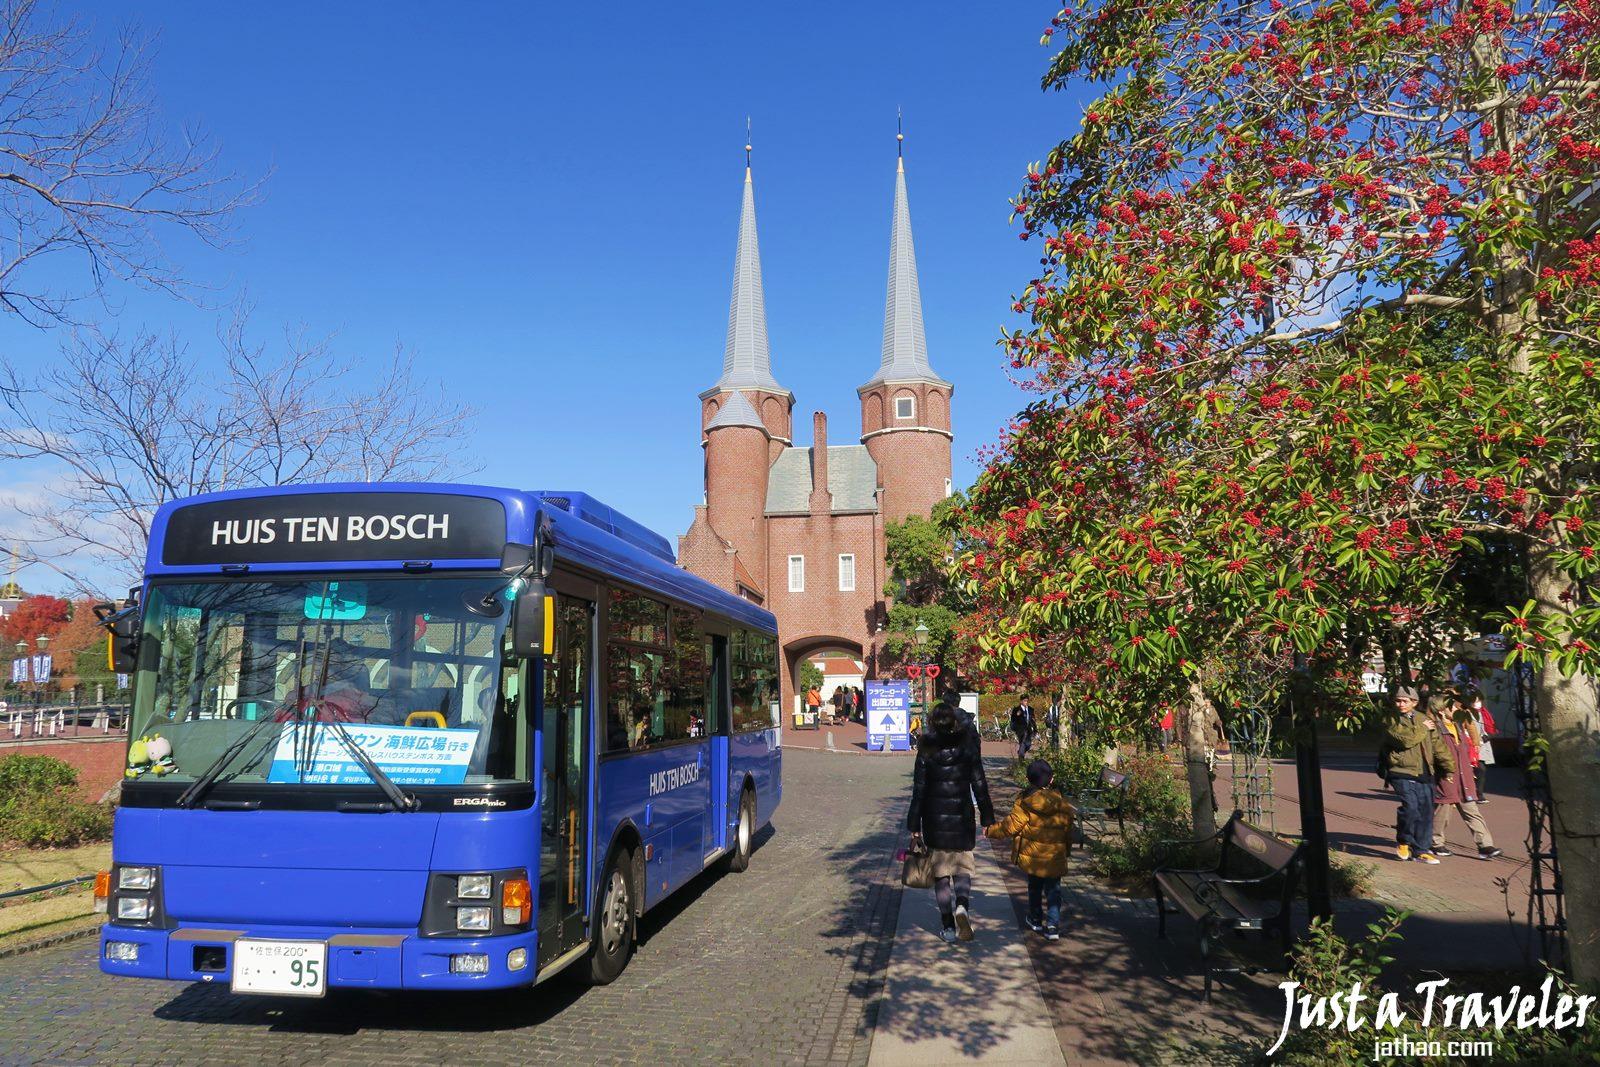 九州-長崎-景點-推薦-豪斯登堡-交通-巴士-公車-Bus-行程-旅遊-自由行-Kyushu-Huis Ten Bosch-Travel-Japan